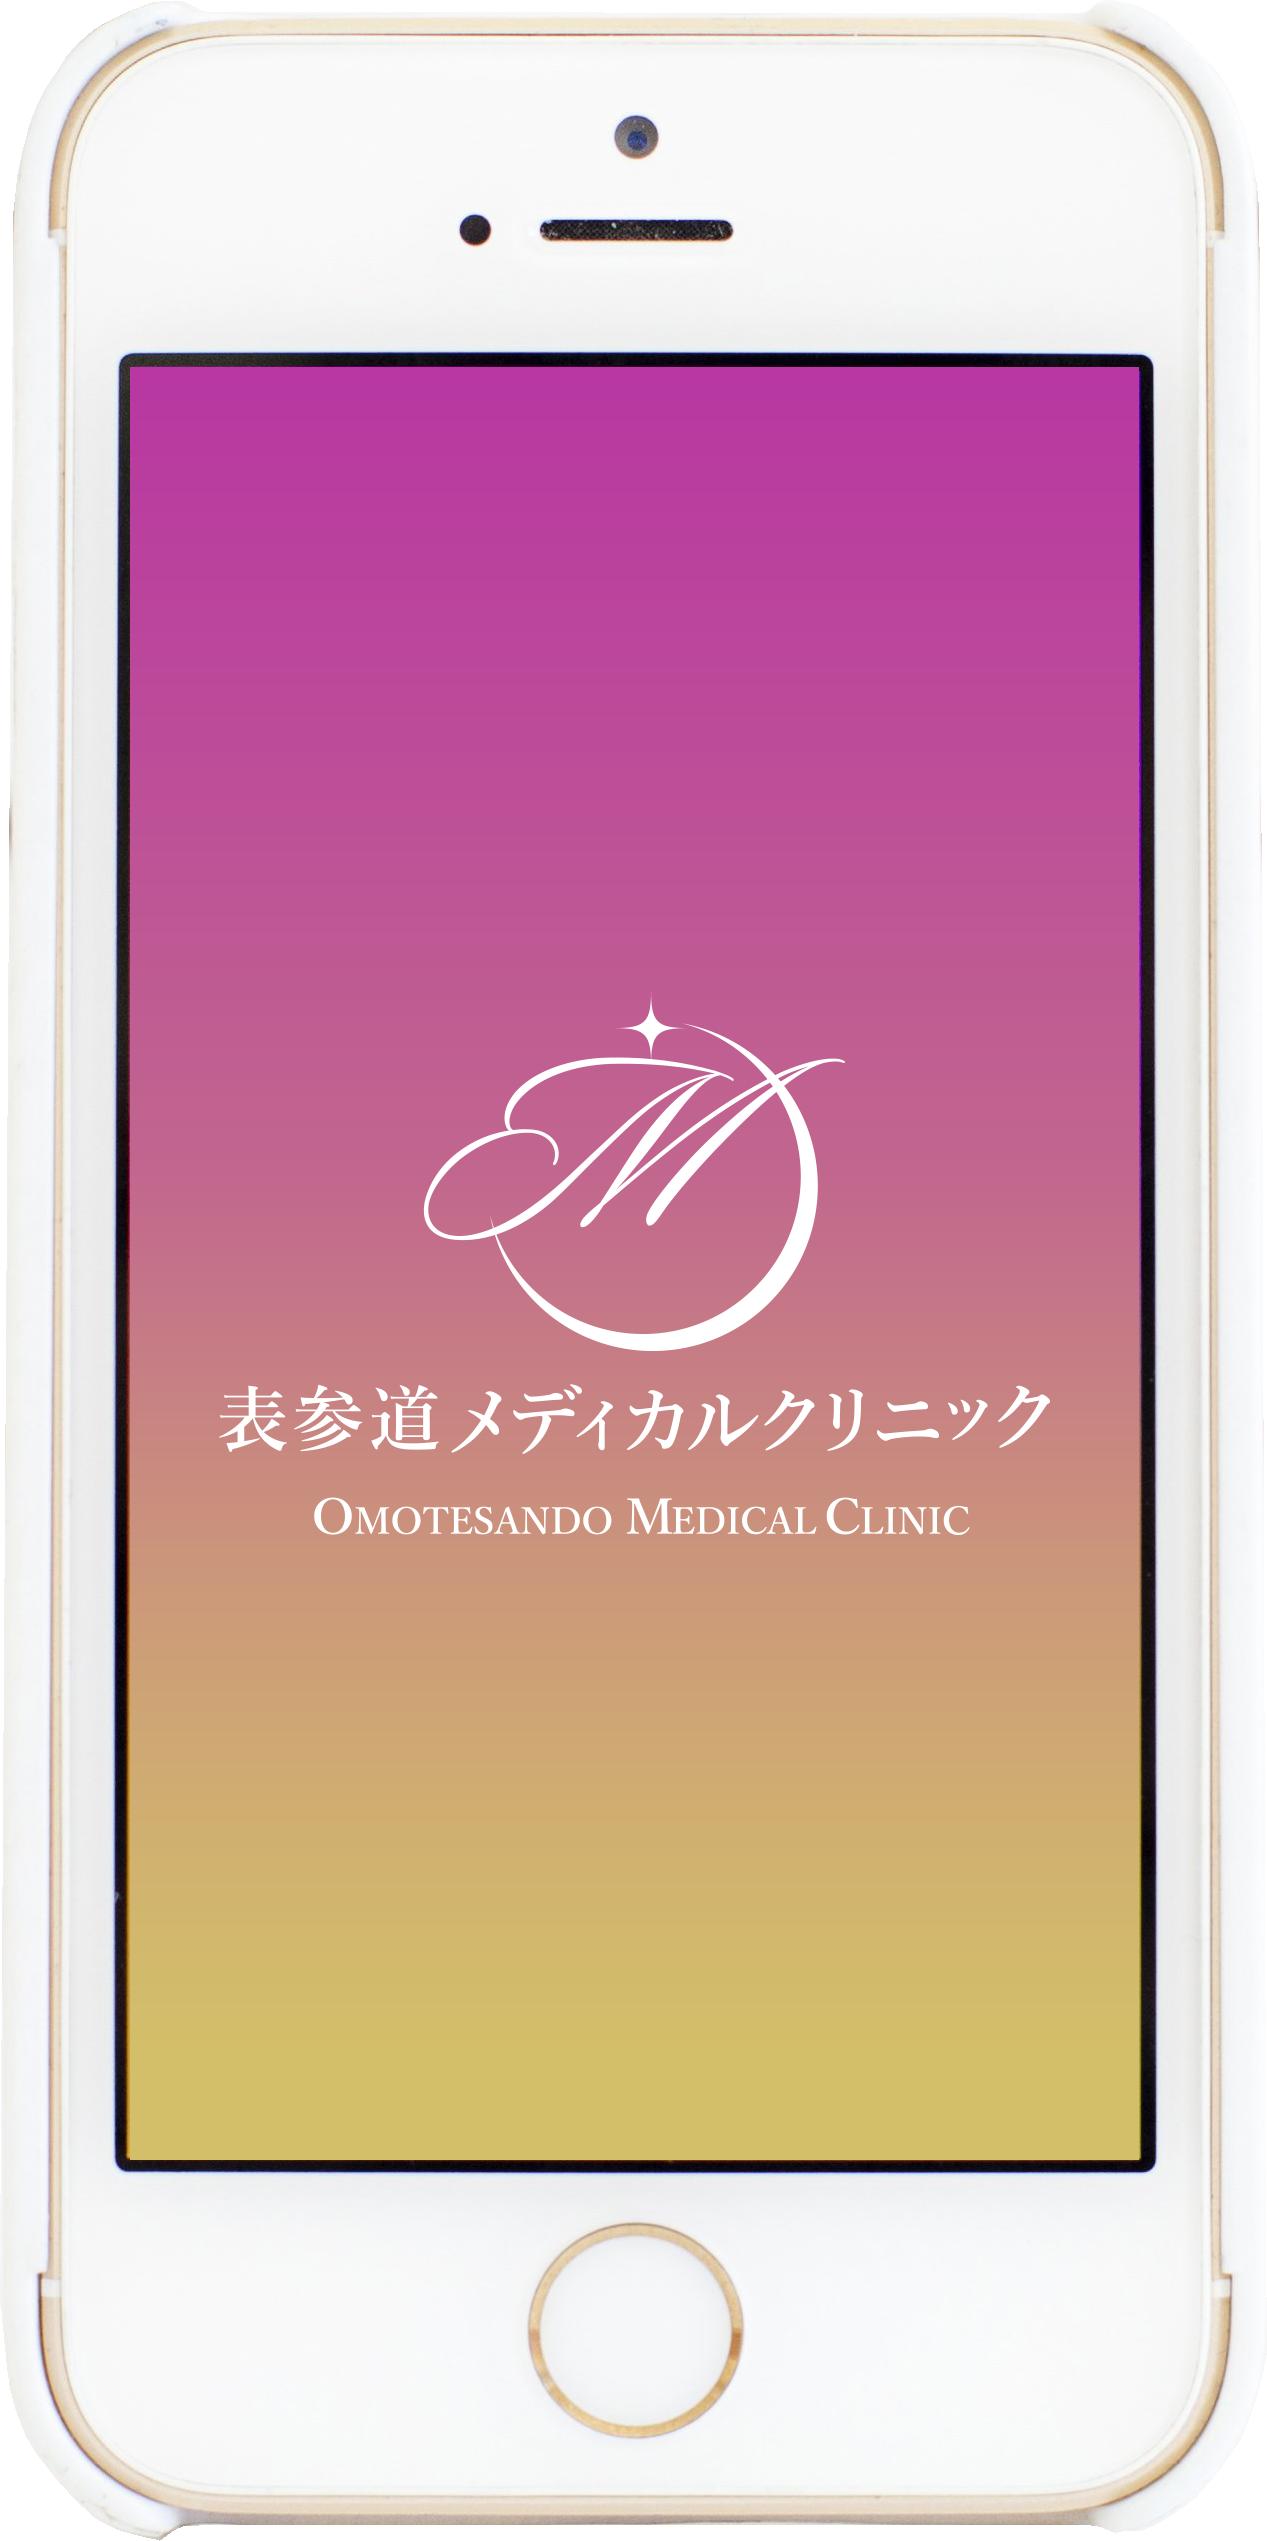 表参道メディカルクリニック公式アプリイメージ